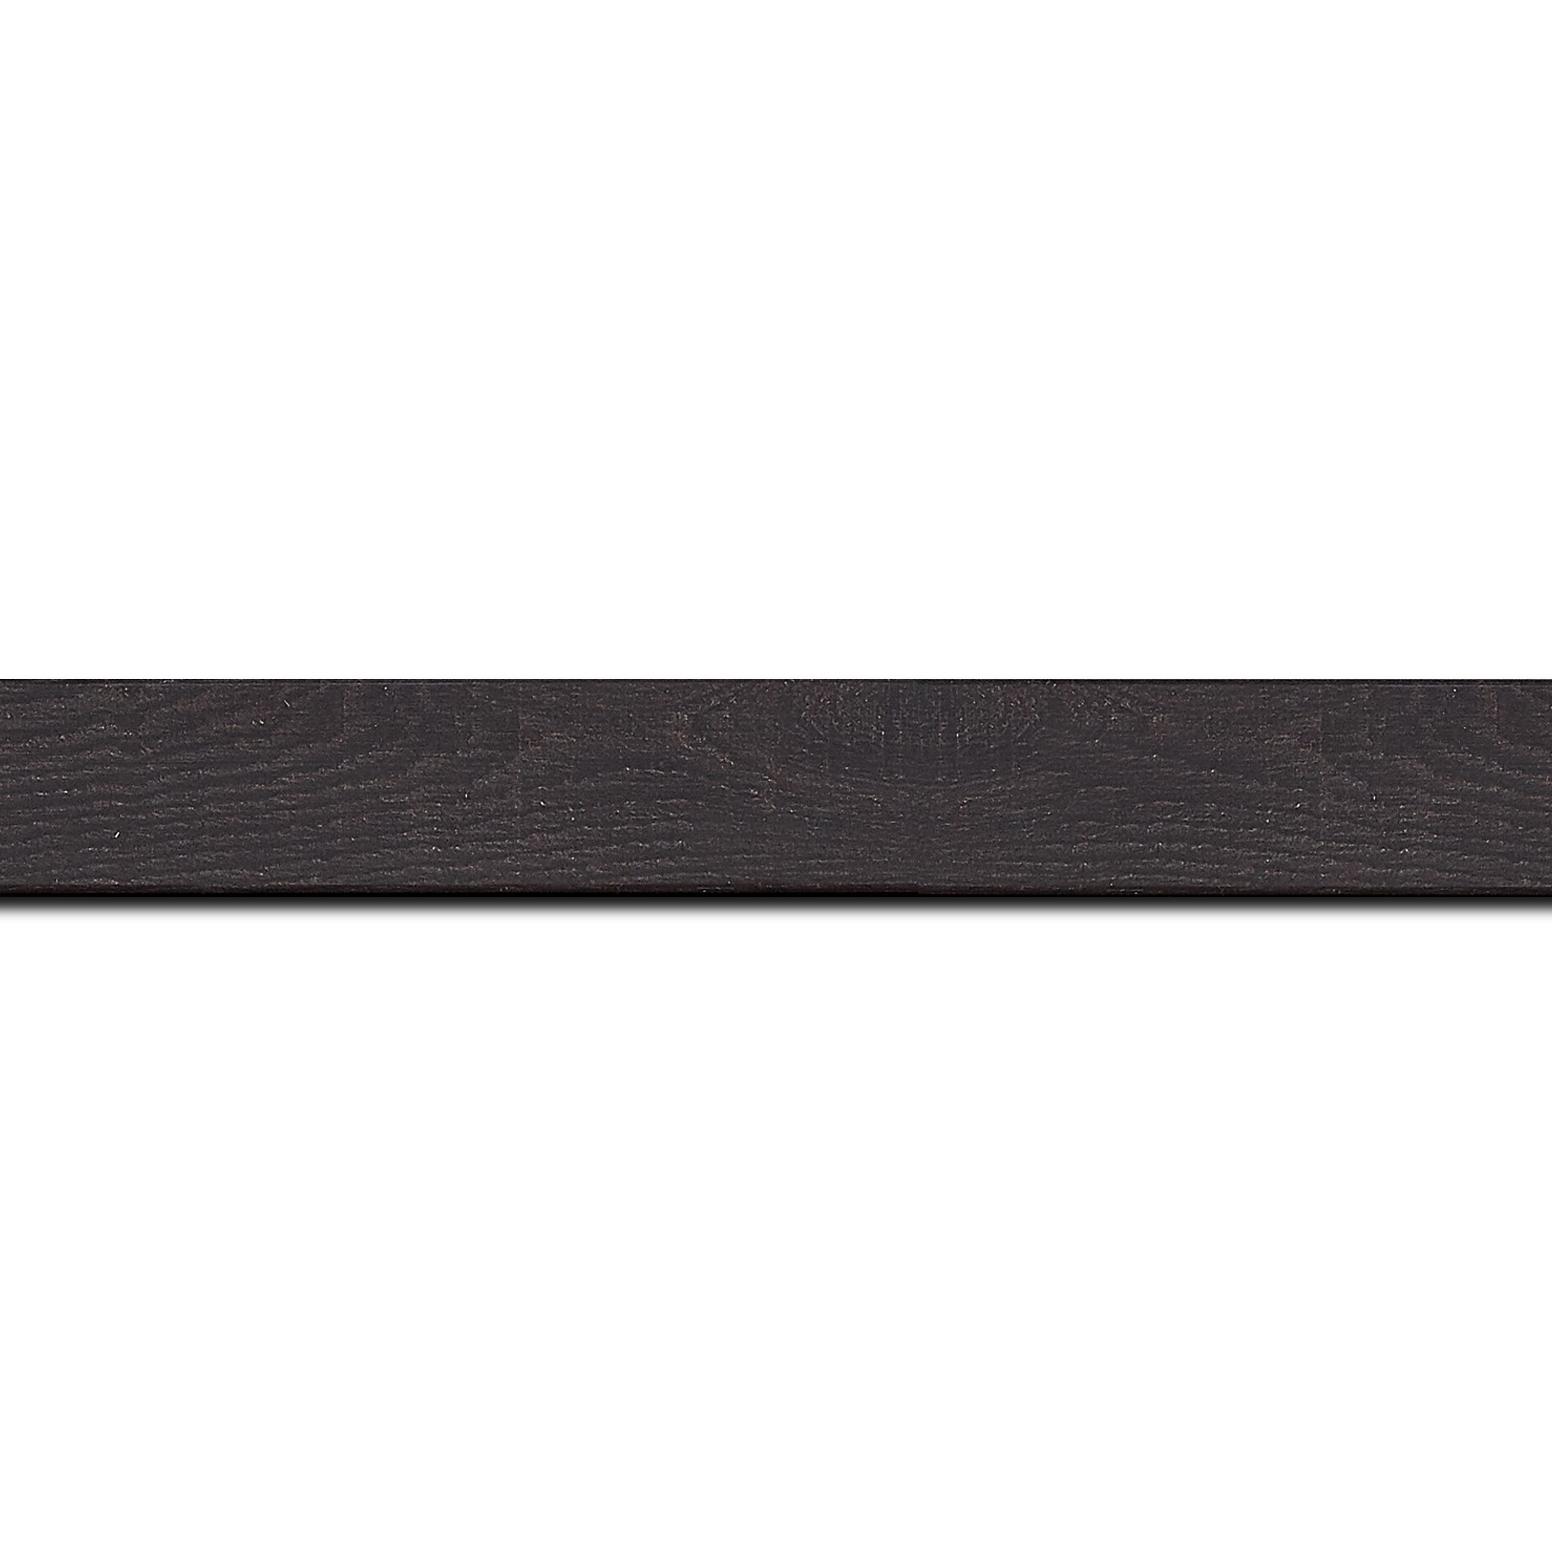 Pack par 12m, bois profil plat largeur 2cm décor bois wengé foncé (longueur baguette pouvant varier entre 2.40m et 3m selon arrivage des bois)